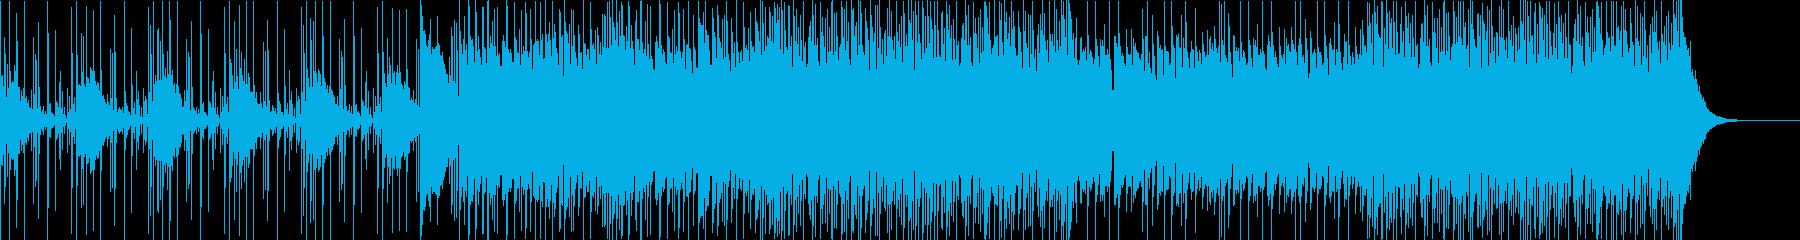 脈打つようなテクスチャー、不気味な...の再生済みの波形